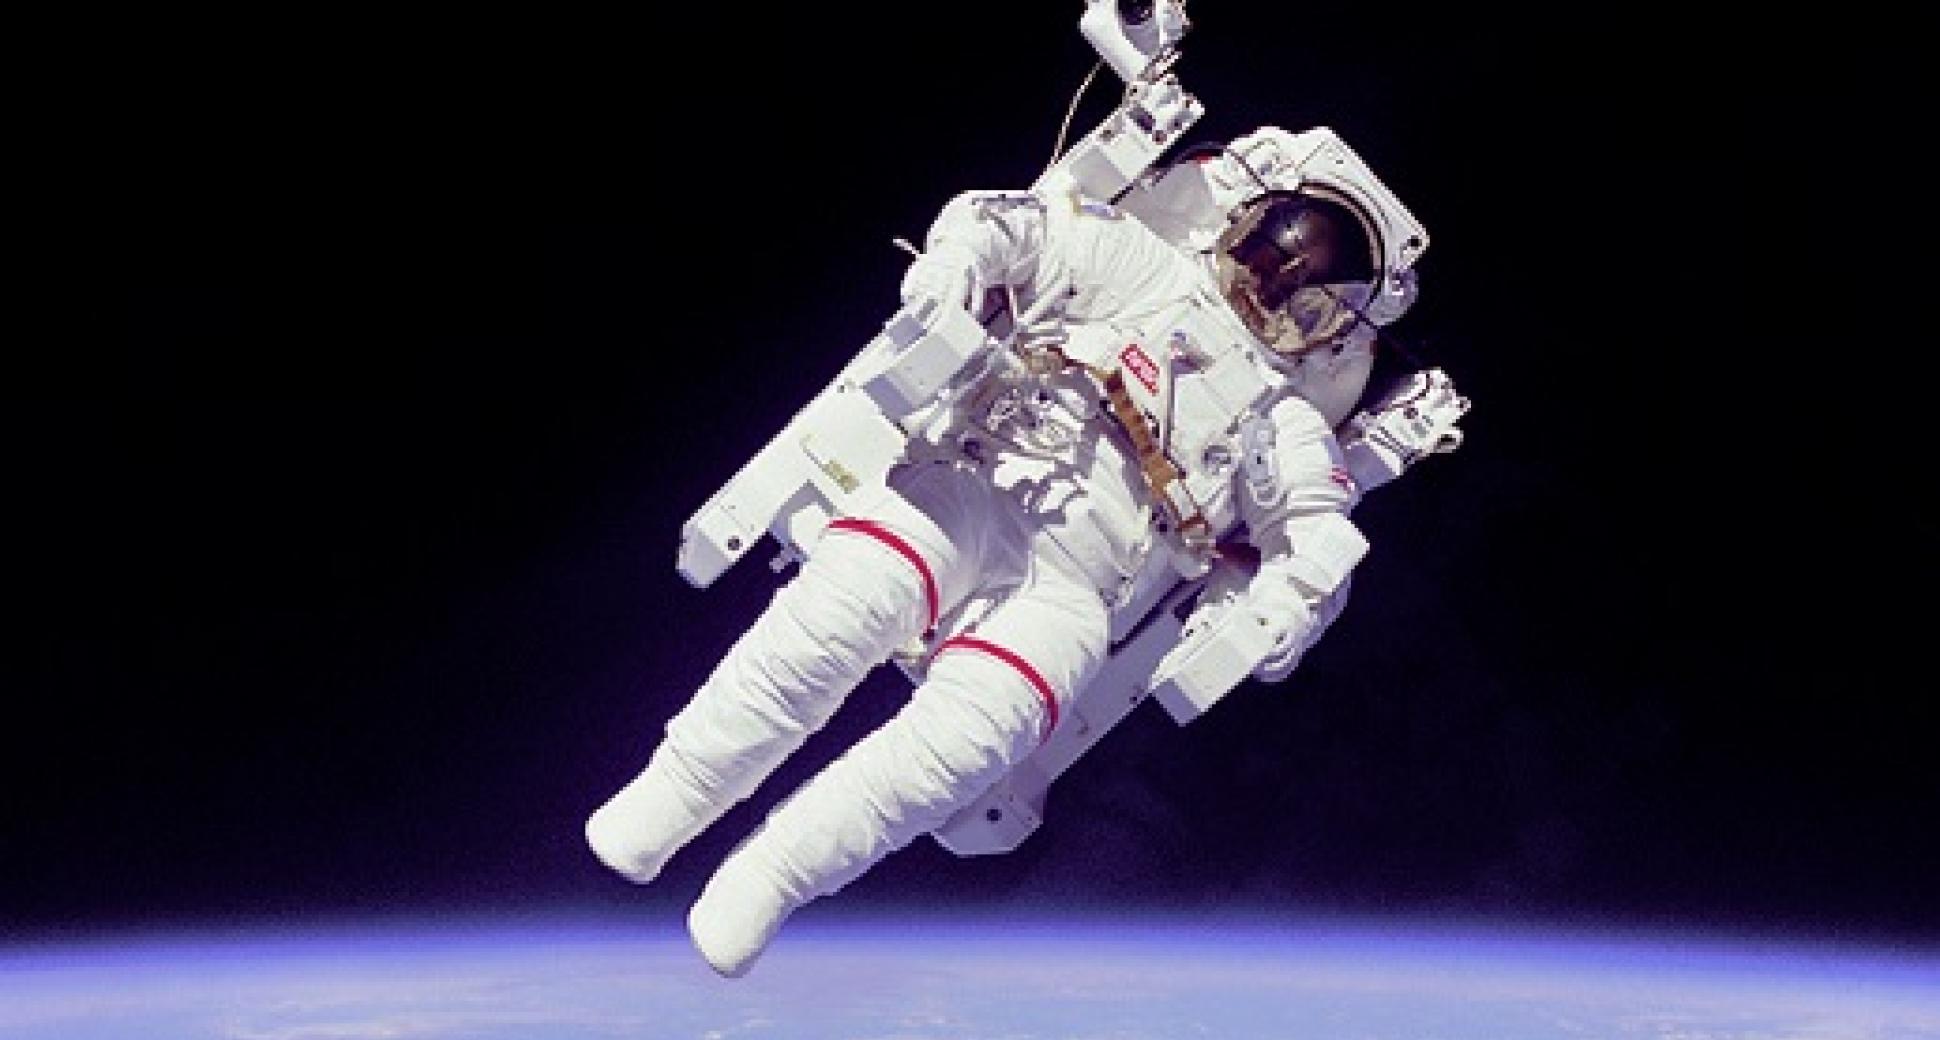 Hoe gaan astronauten naar het toilet